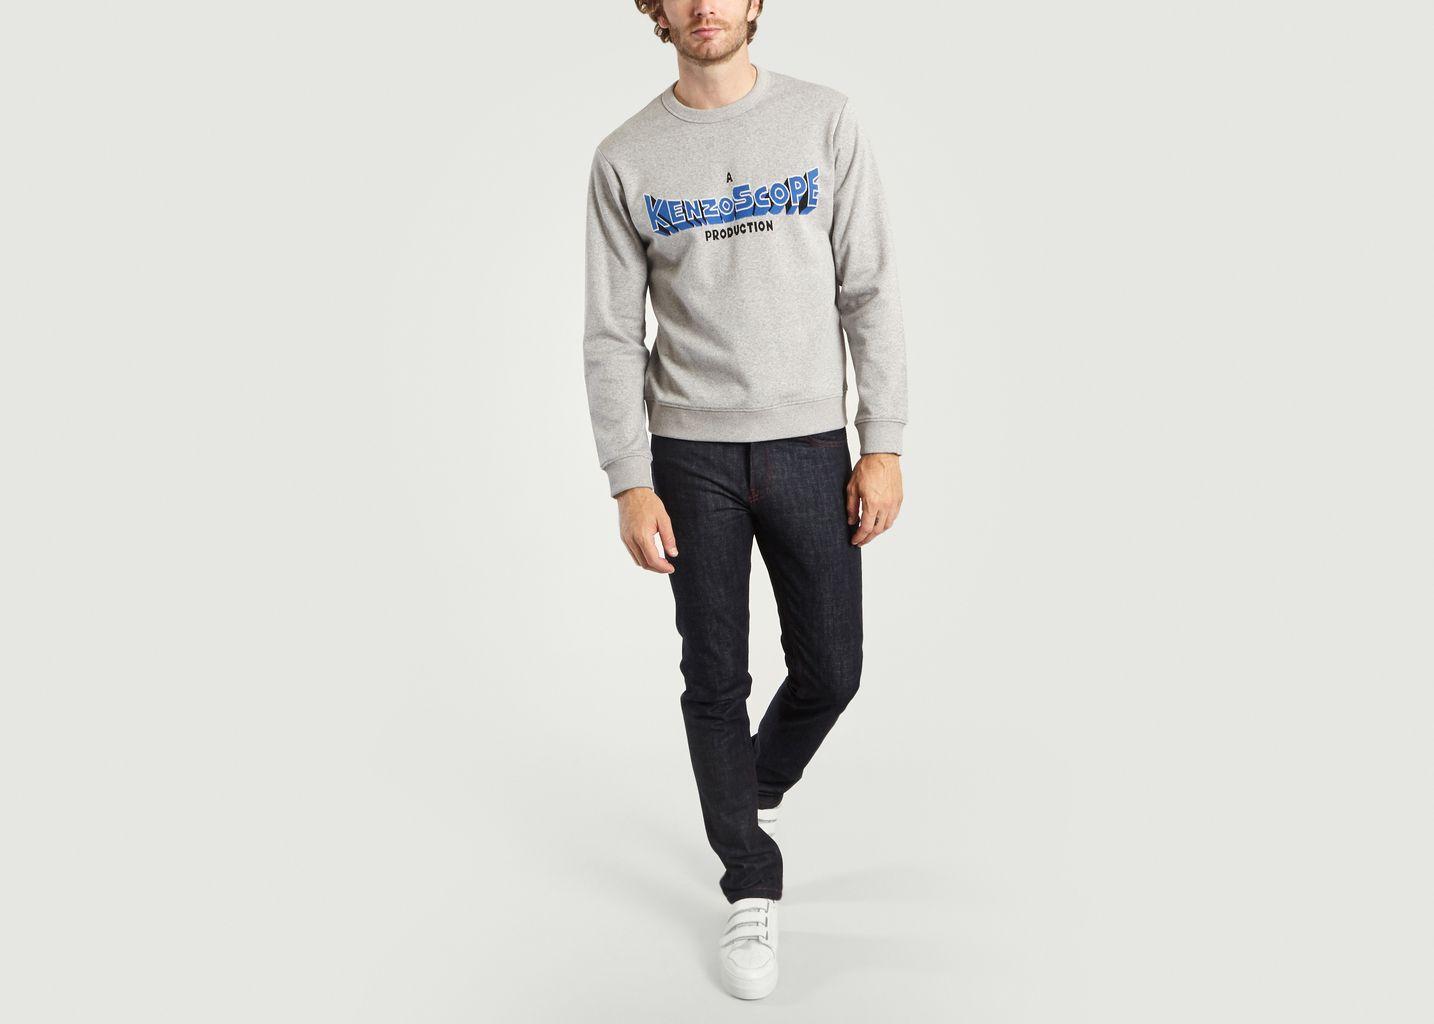 Sweatshirt Kenzoscope - Kenzo